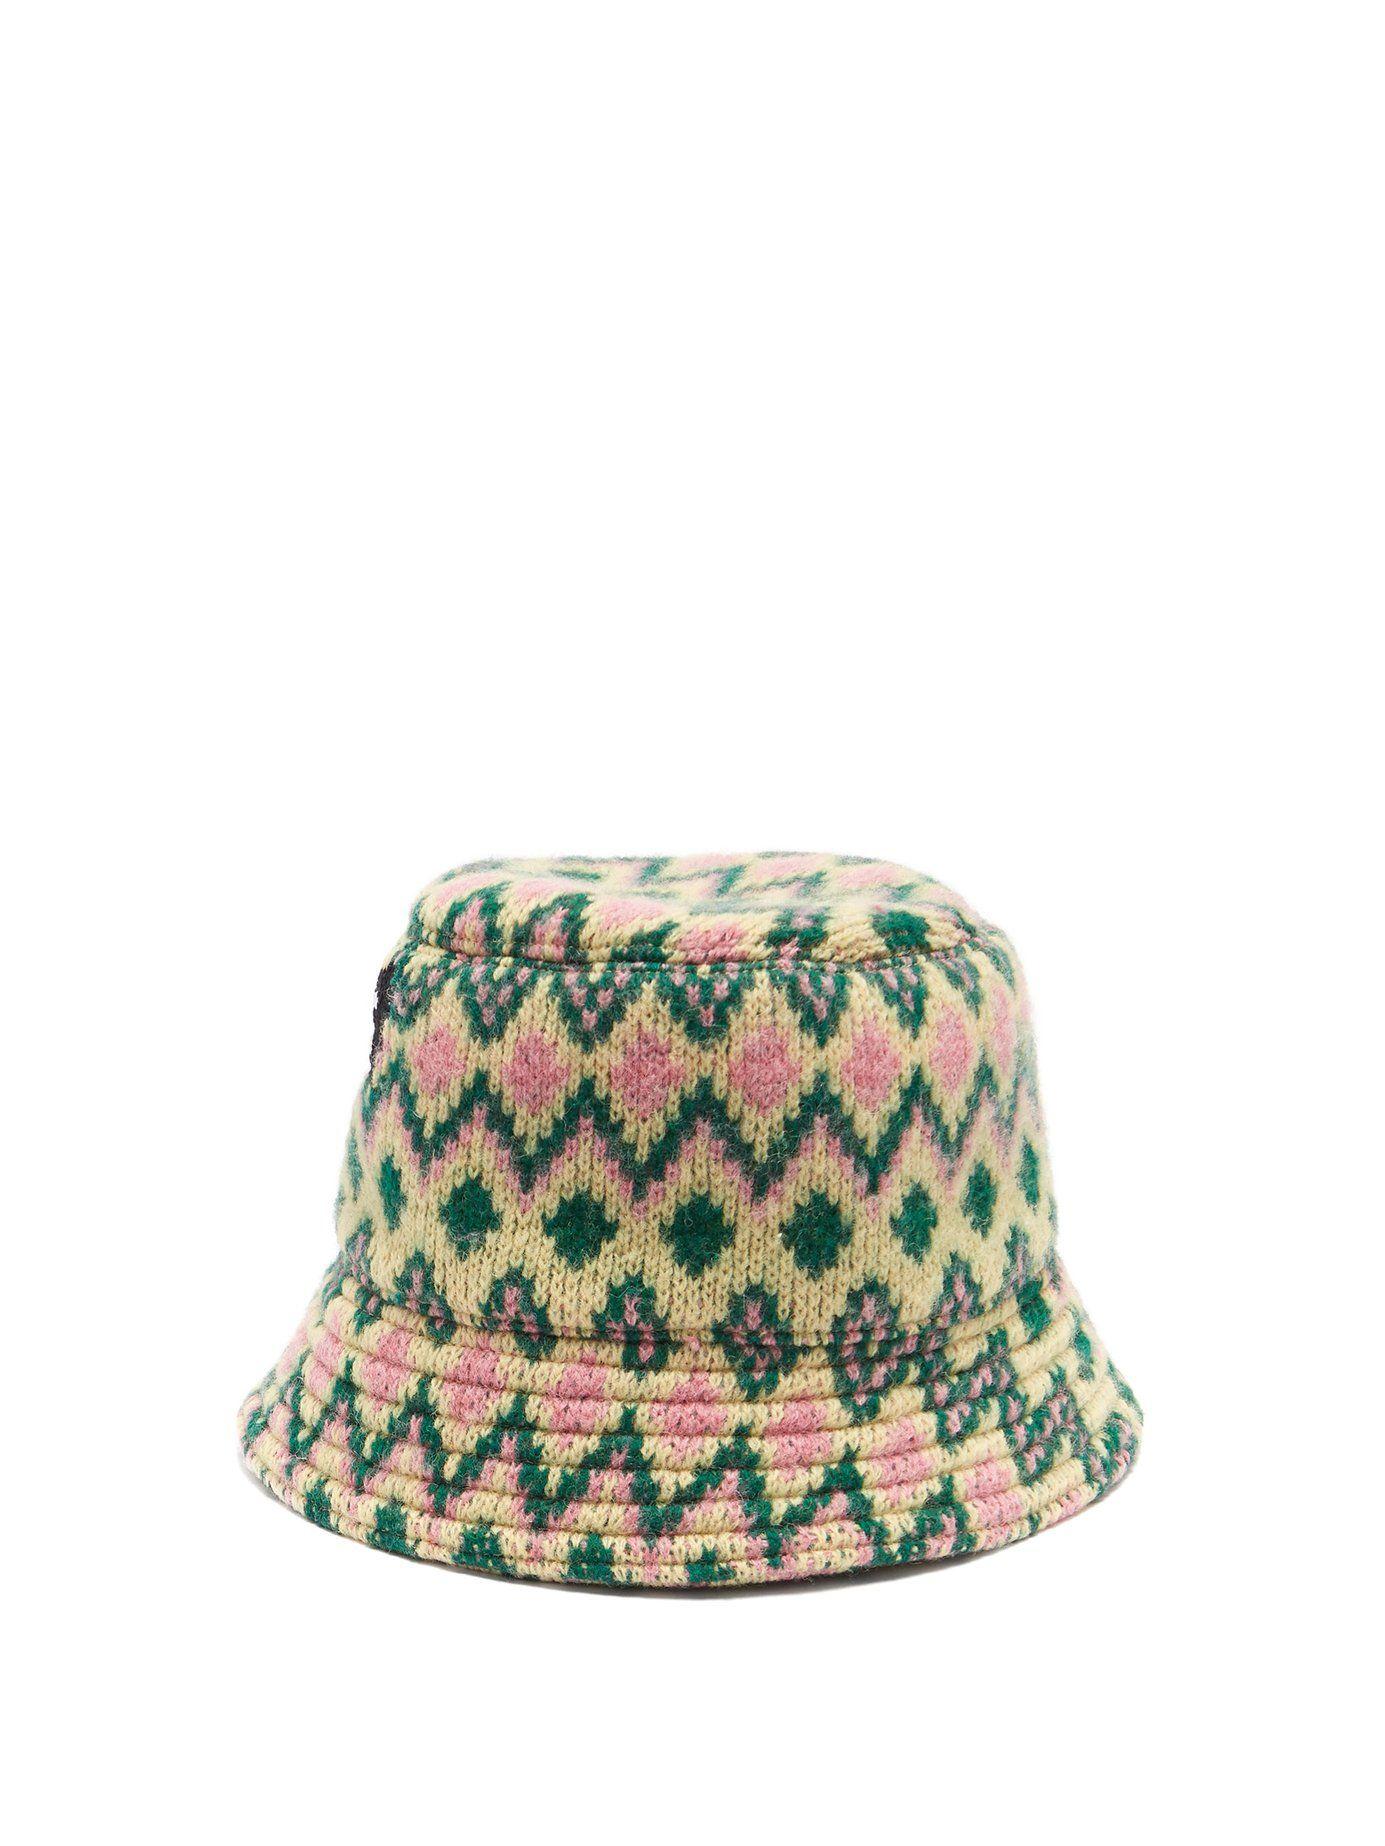 d31c3d90 Zigzag wool-knit bucket hat | Prada | jewelry & accessories in 2019 ...